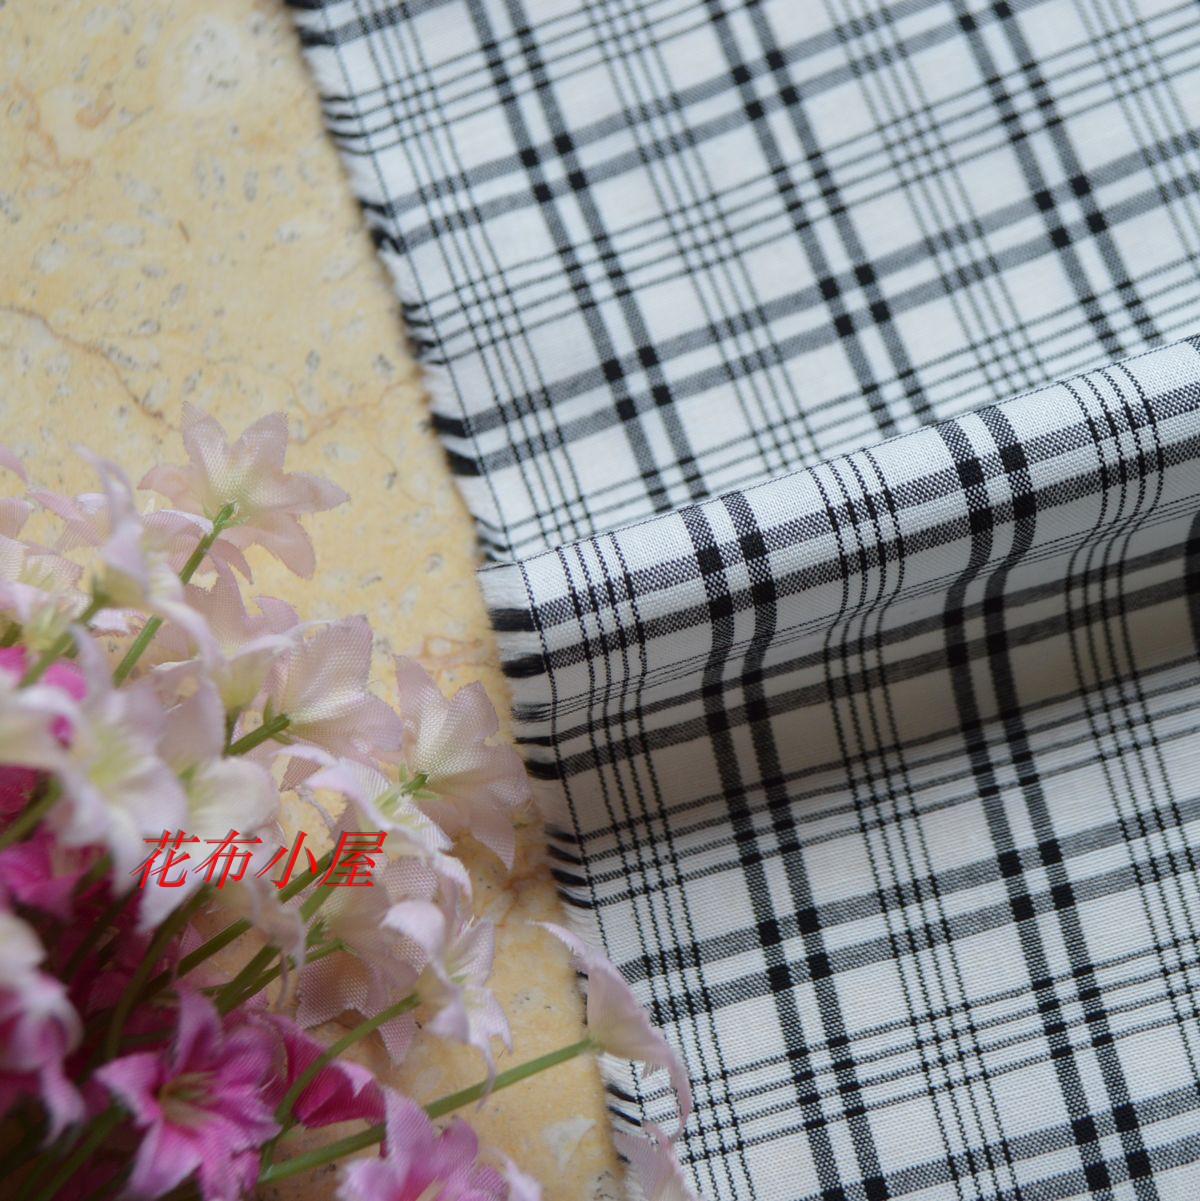 优质纯棉布料色织格子棉布服装衬衫裙子手工DIY布艺面料9元半米